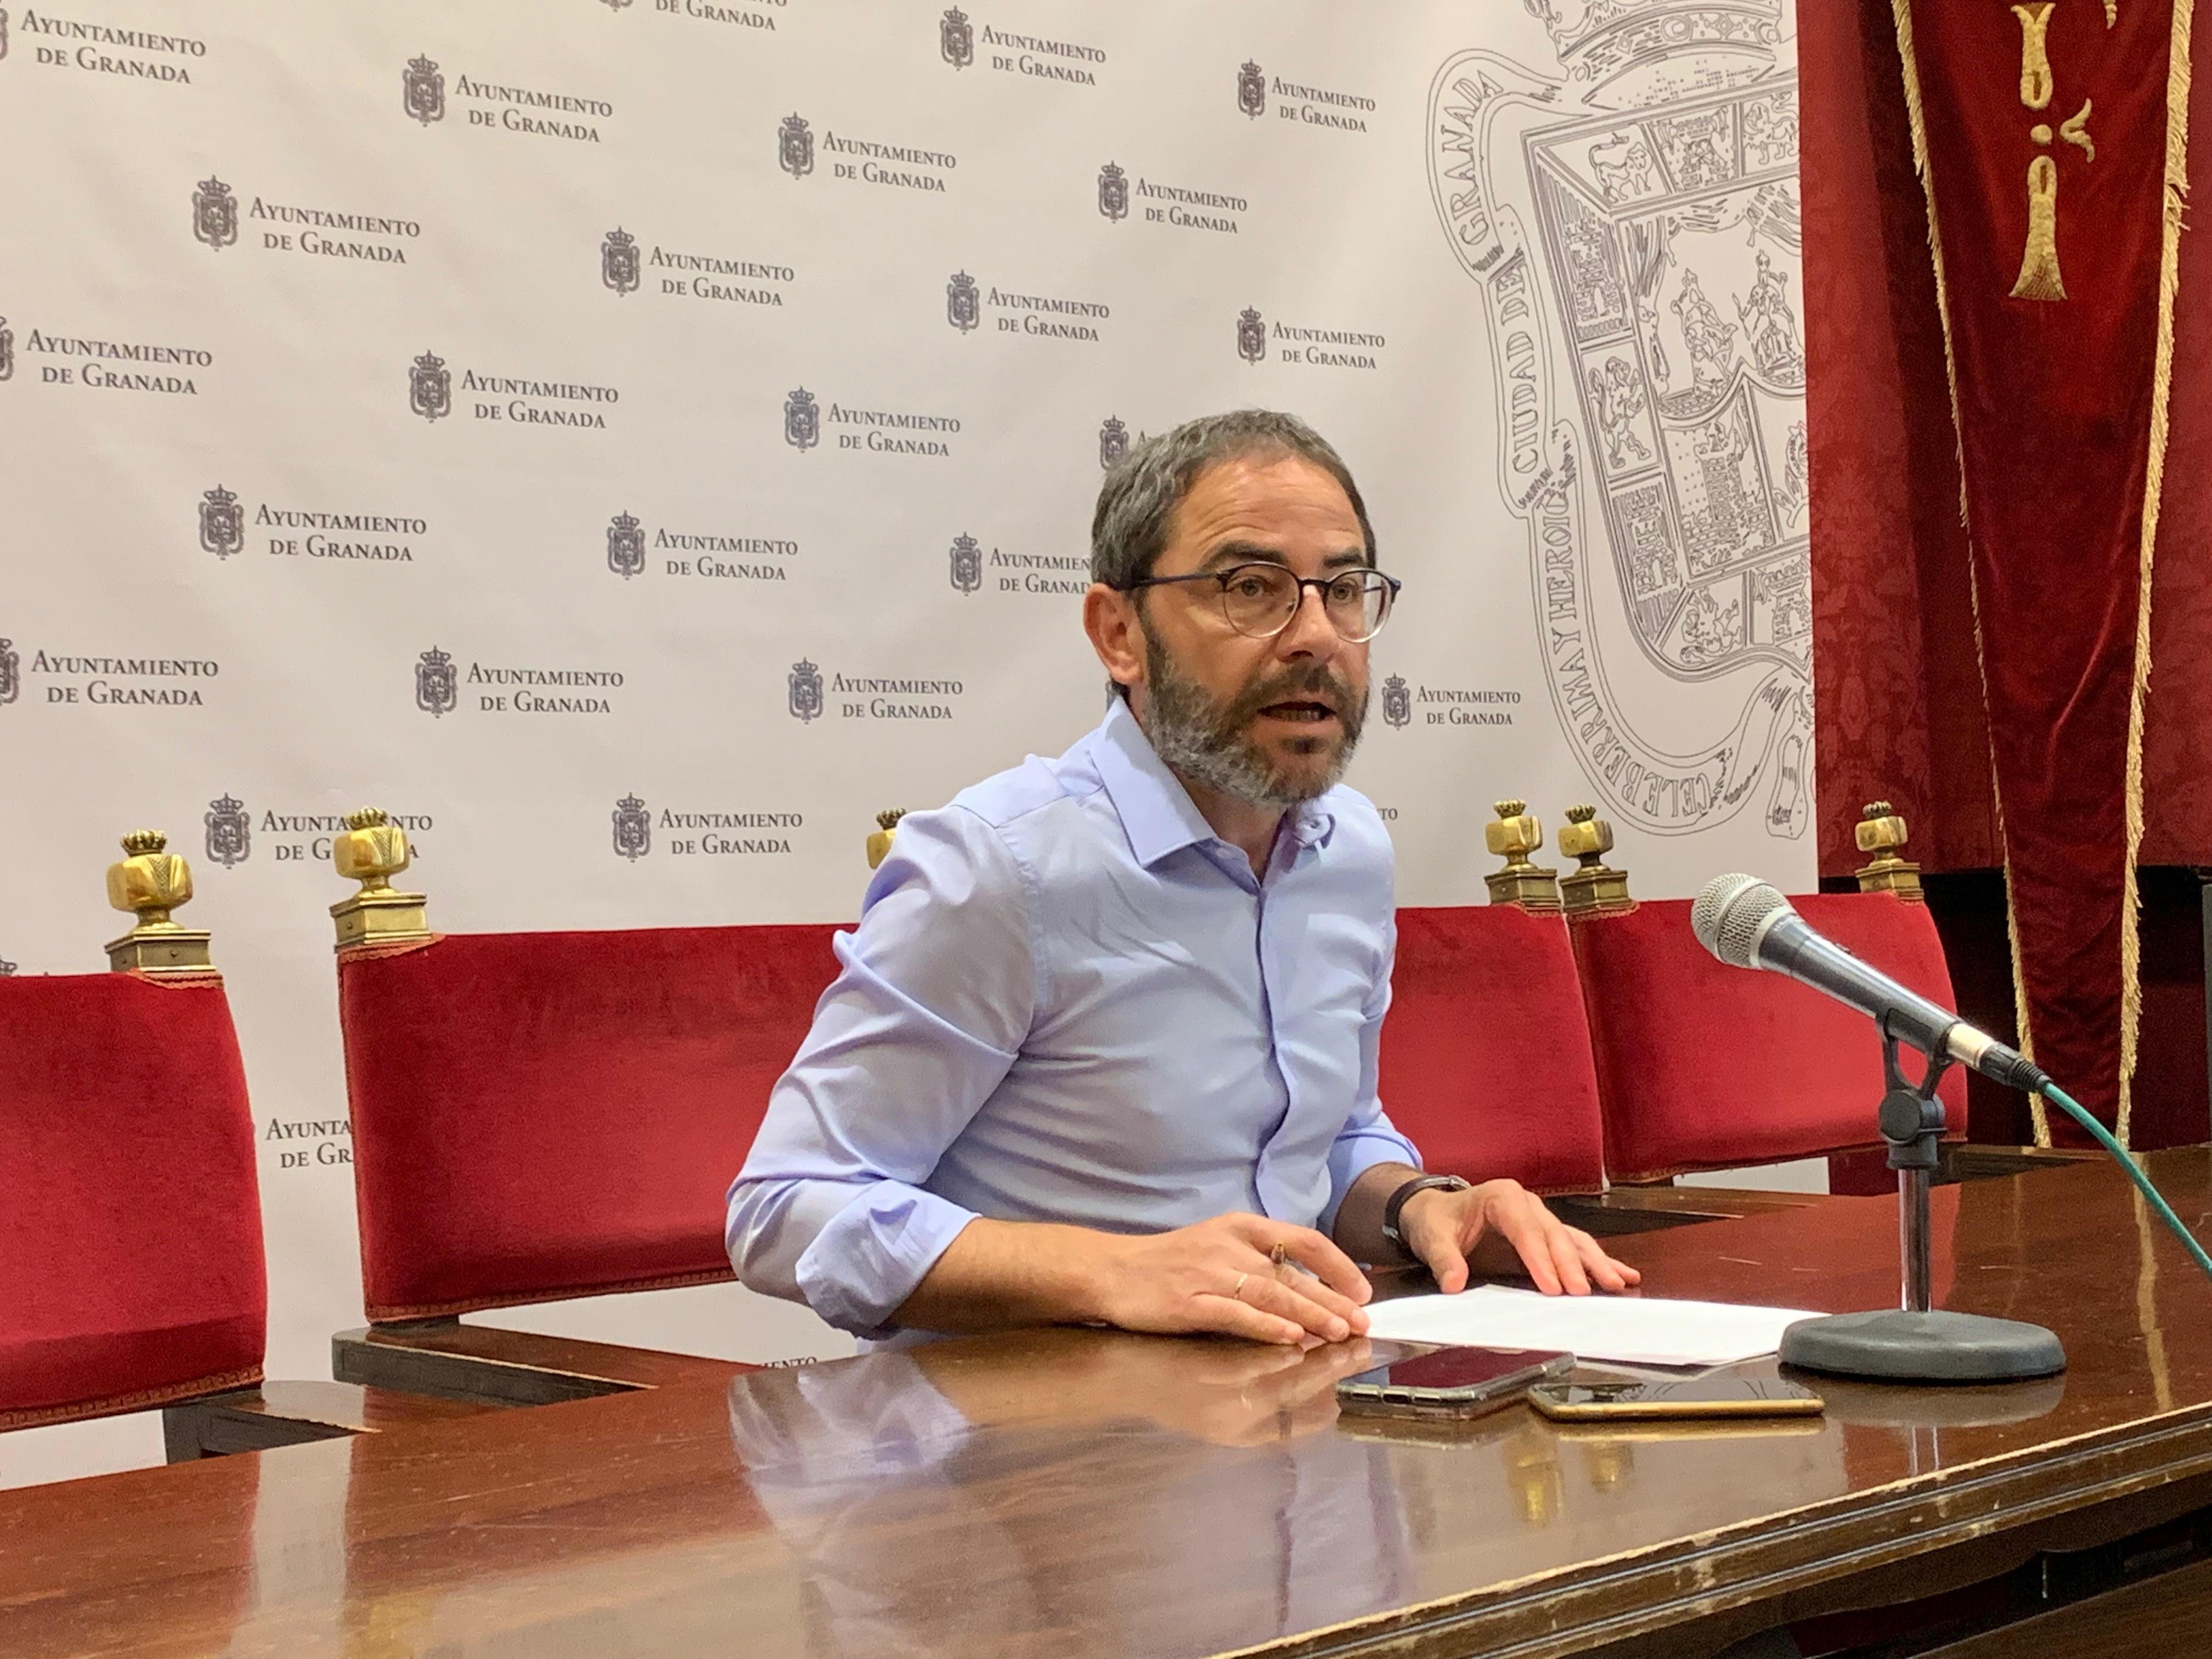 El PSOE exige a Sebastián Pérez explicaciones sobre el contrato ilegal de 635 millones de la basura